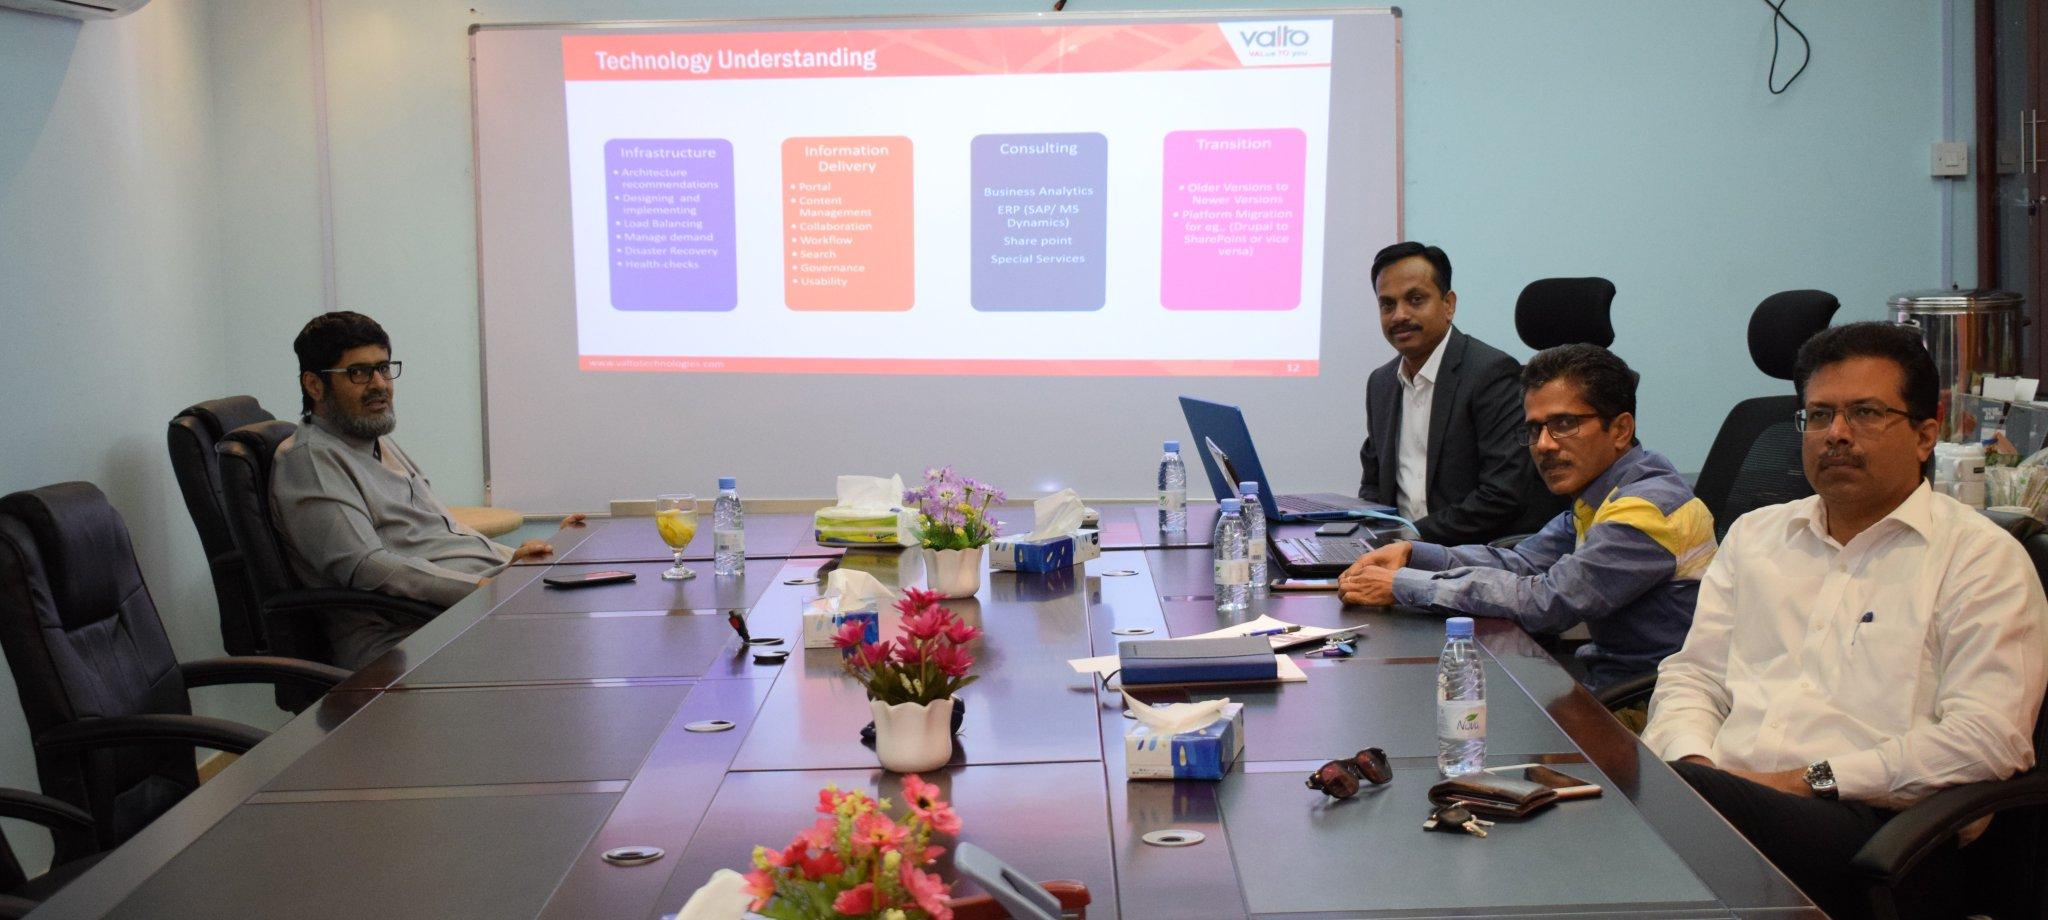 إجتماع مع شركة Valto العالمية لتقنية المعلومات